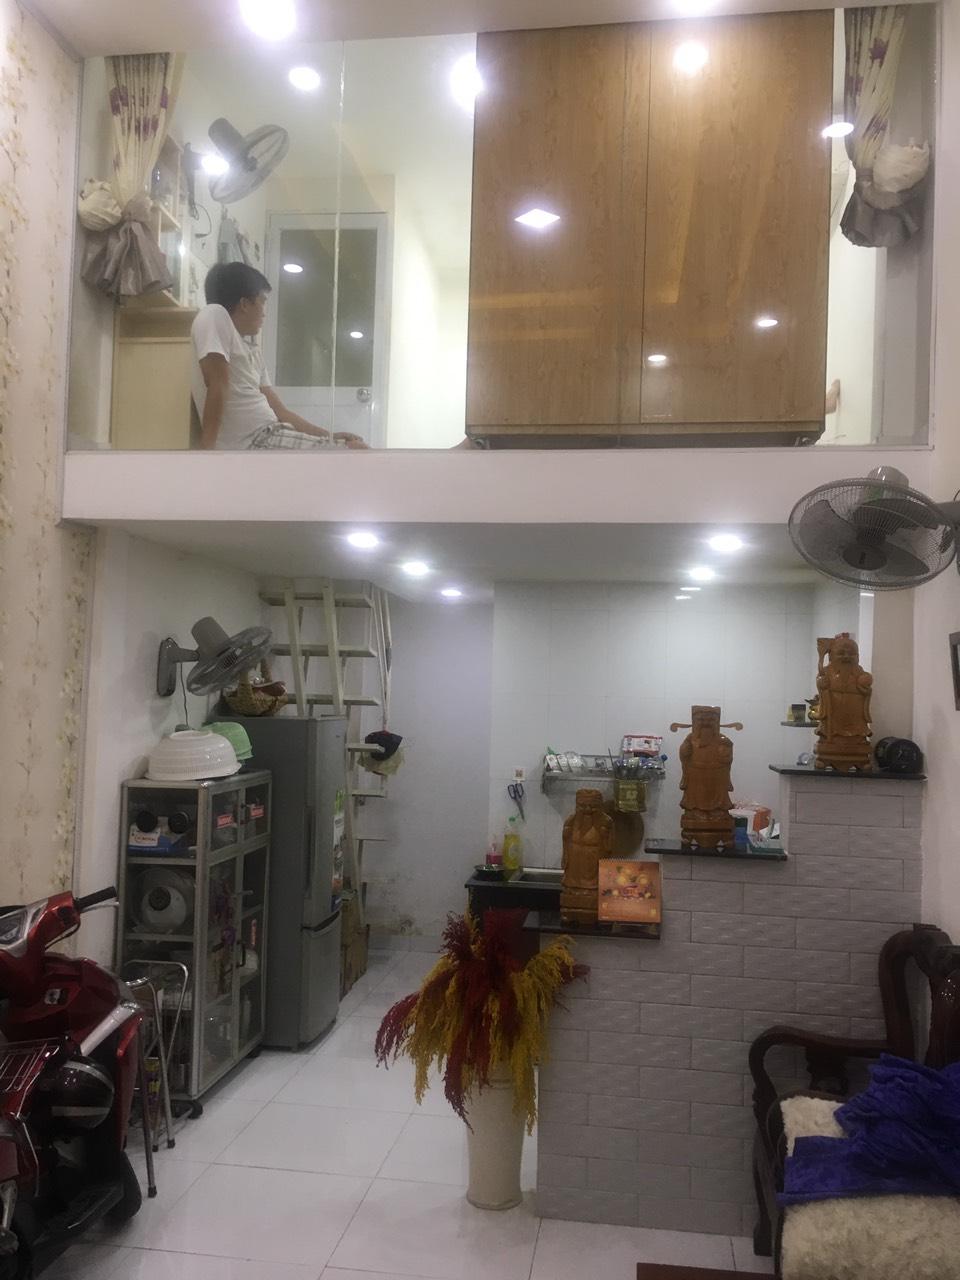 Bán nhà đường Phan Anh phường Bình Trị Đông quận Bình Tân giá rẻ dưới 2 tỷ